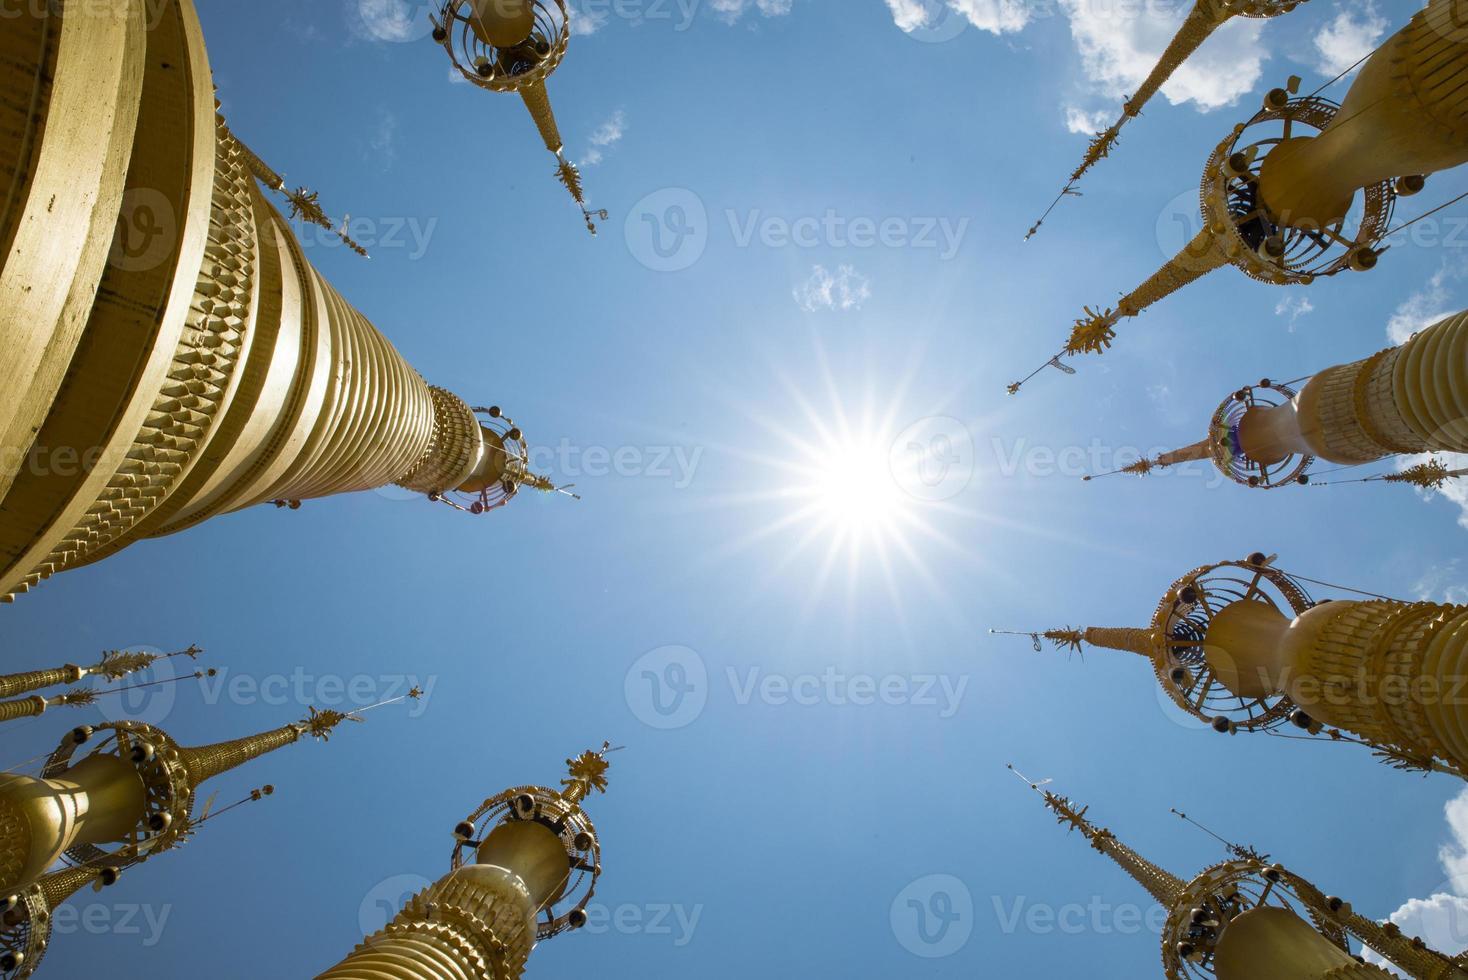 Myanmar goldene Stupas auf einem blauen Himmel mit Sonne foto